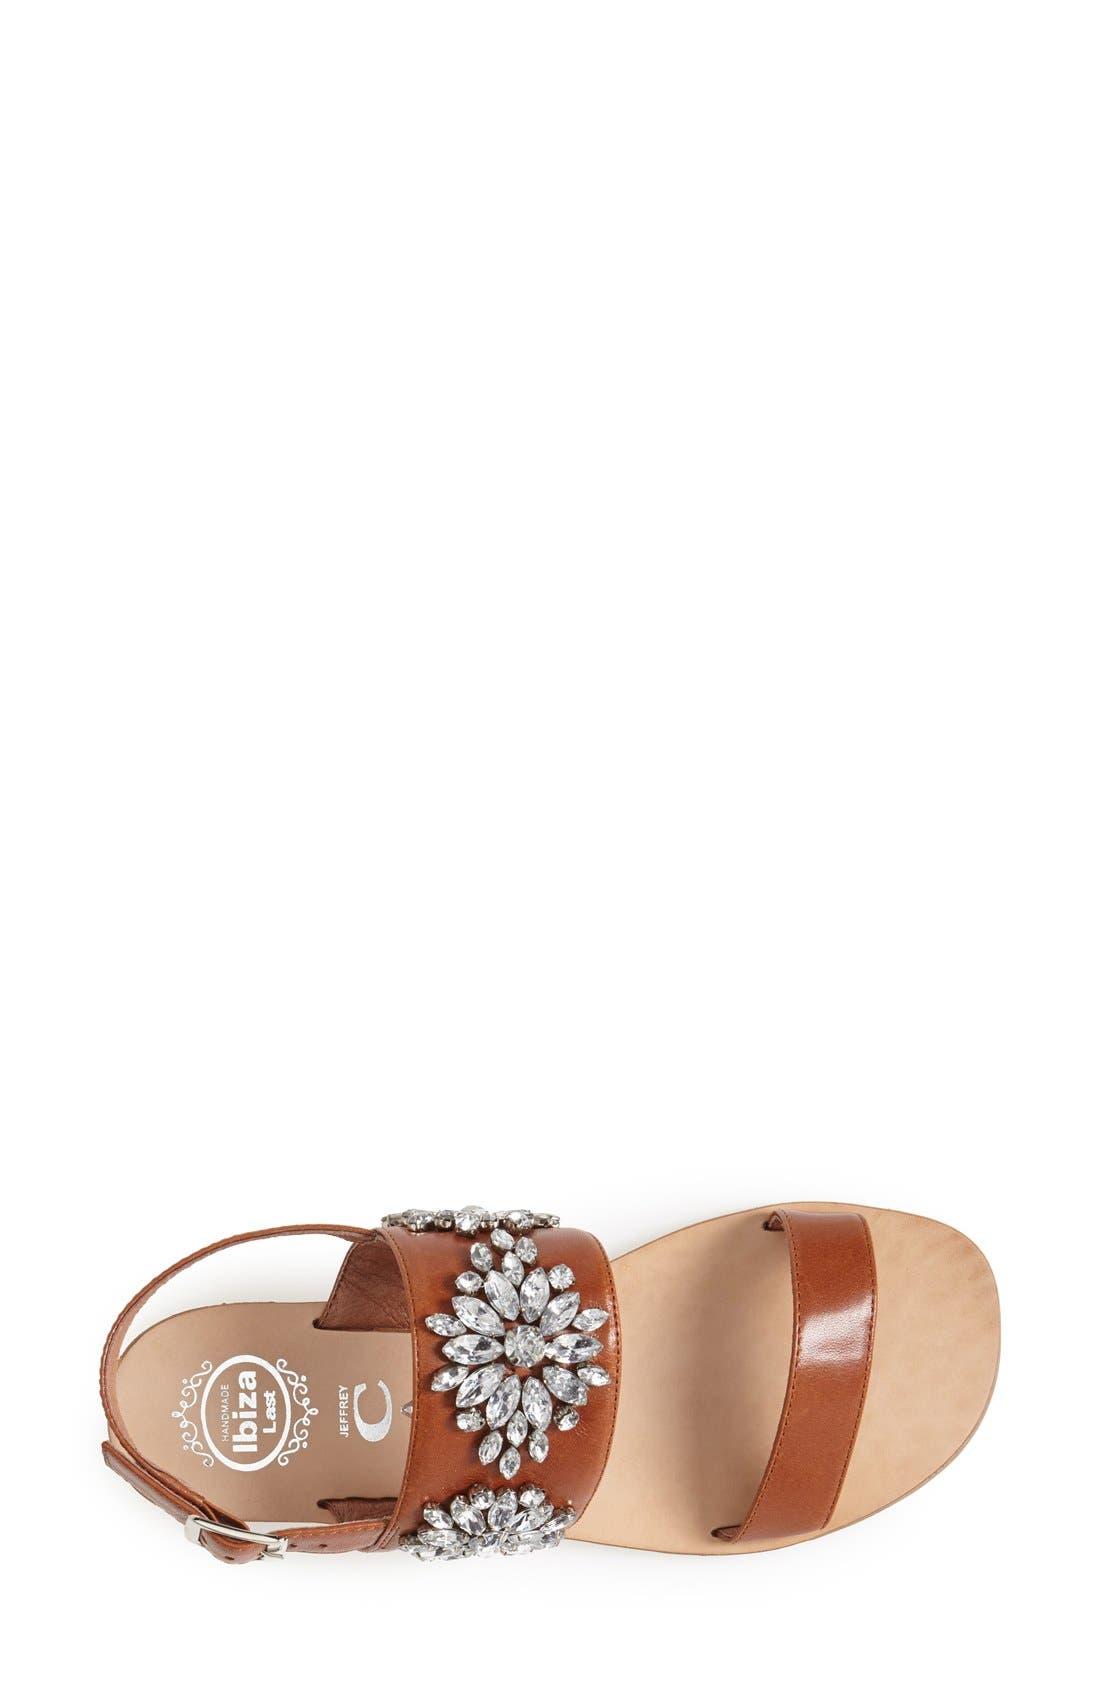 Alternate Image 3  - Jeffrey Campbell 'Dola' Jeweled Leather Sandal (Women)